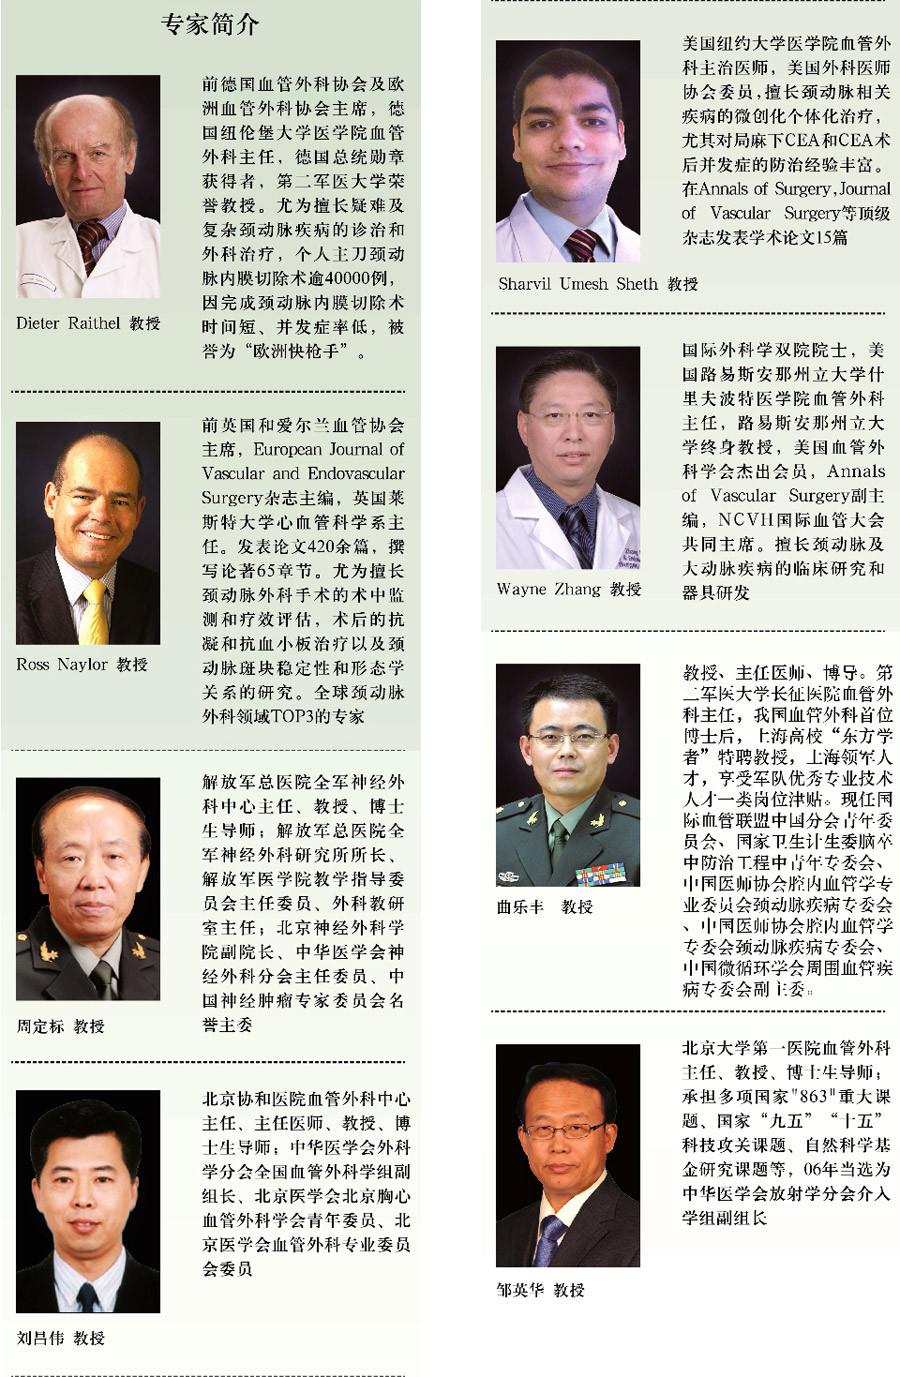 第五届中华颈动脉外科高峰论坛暨国际颈动脉外科峰会(CCS 2016)